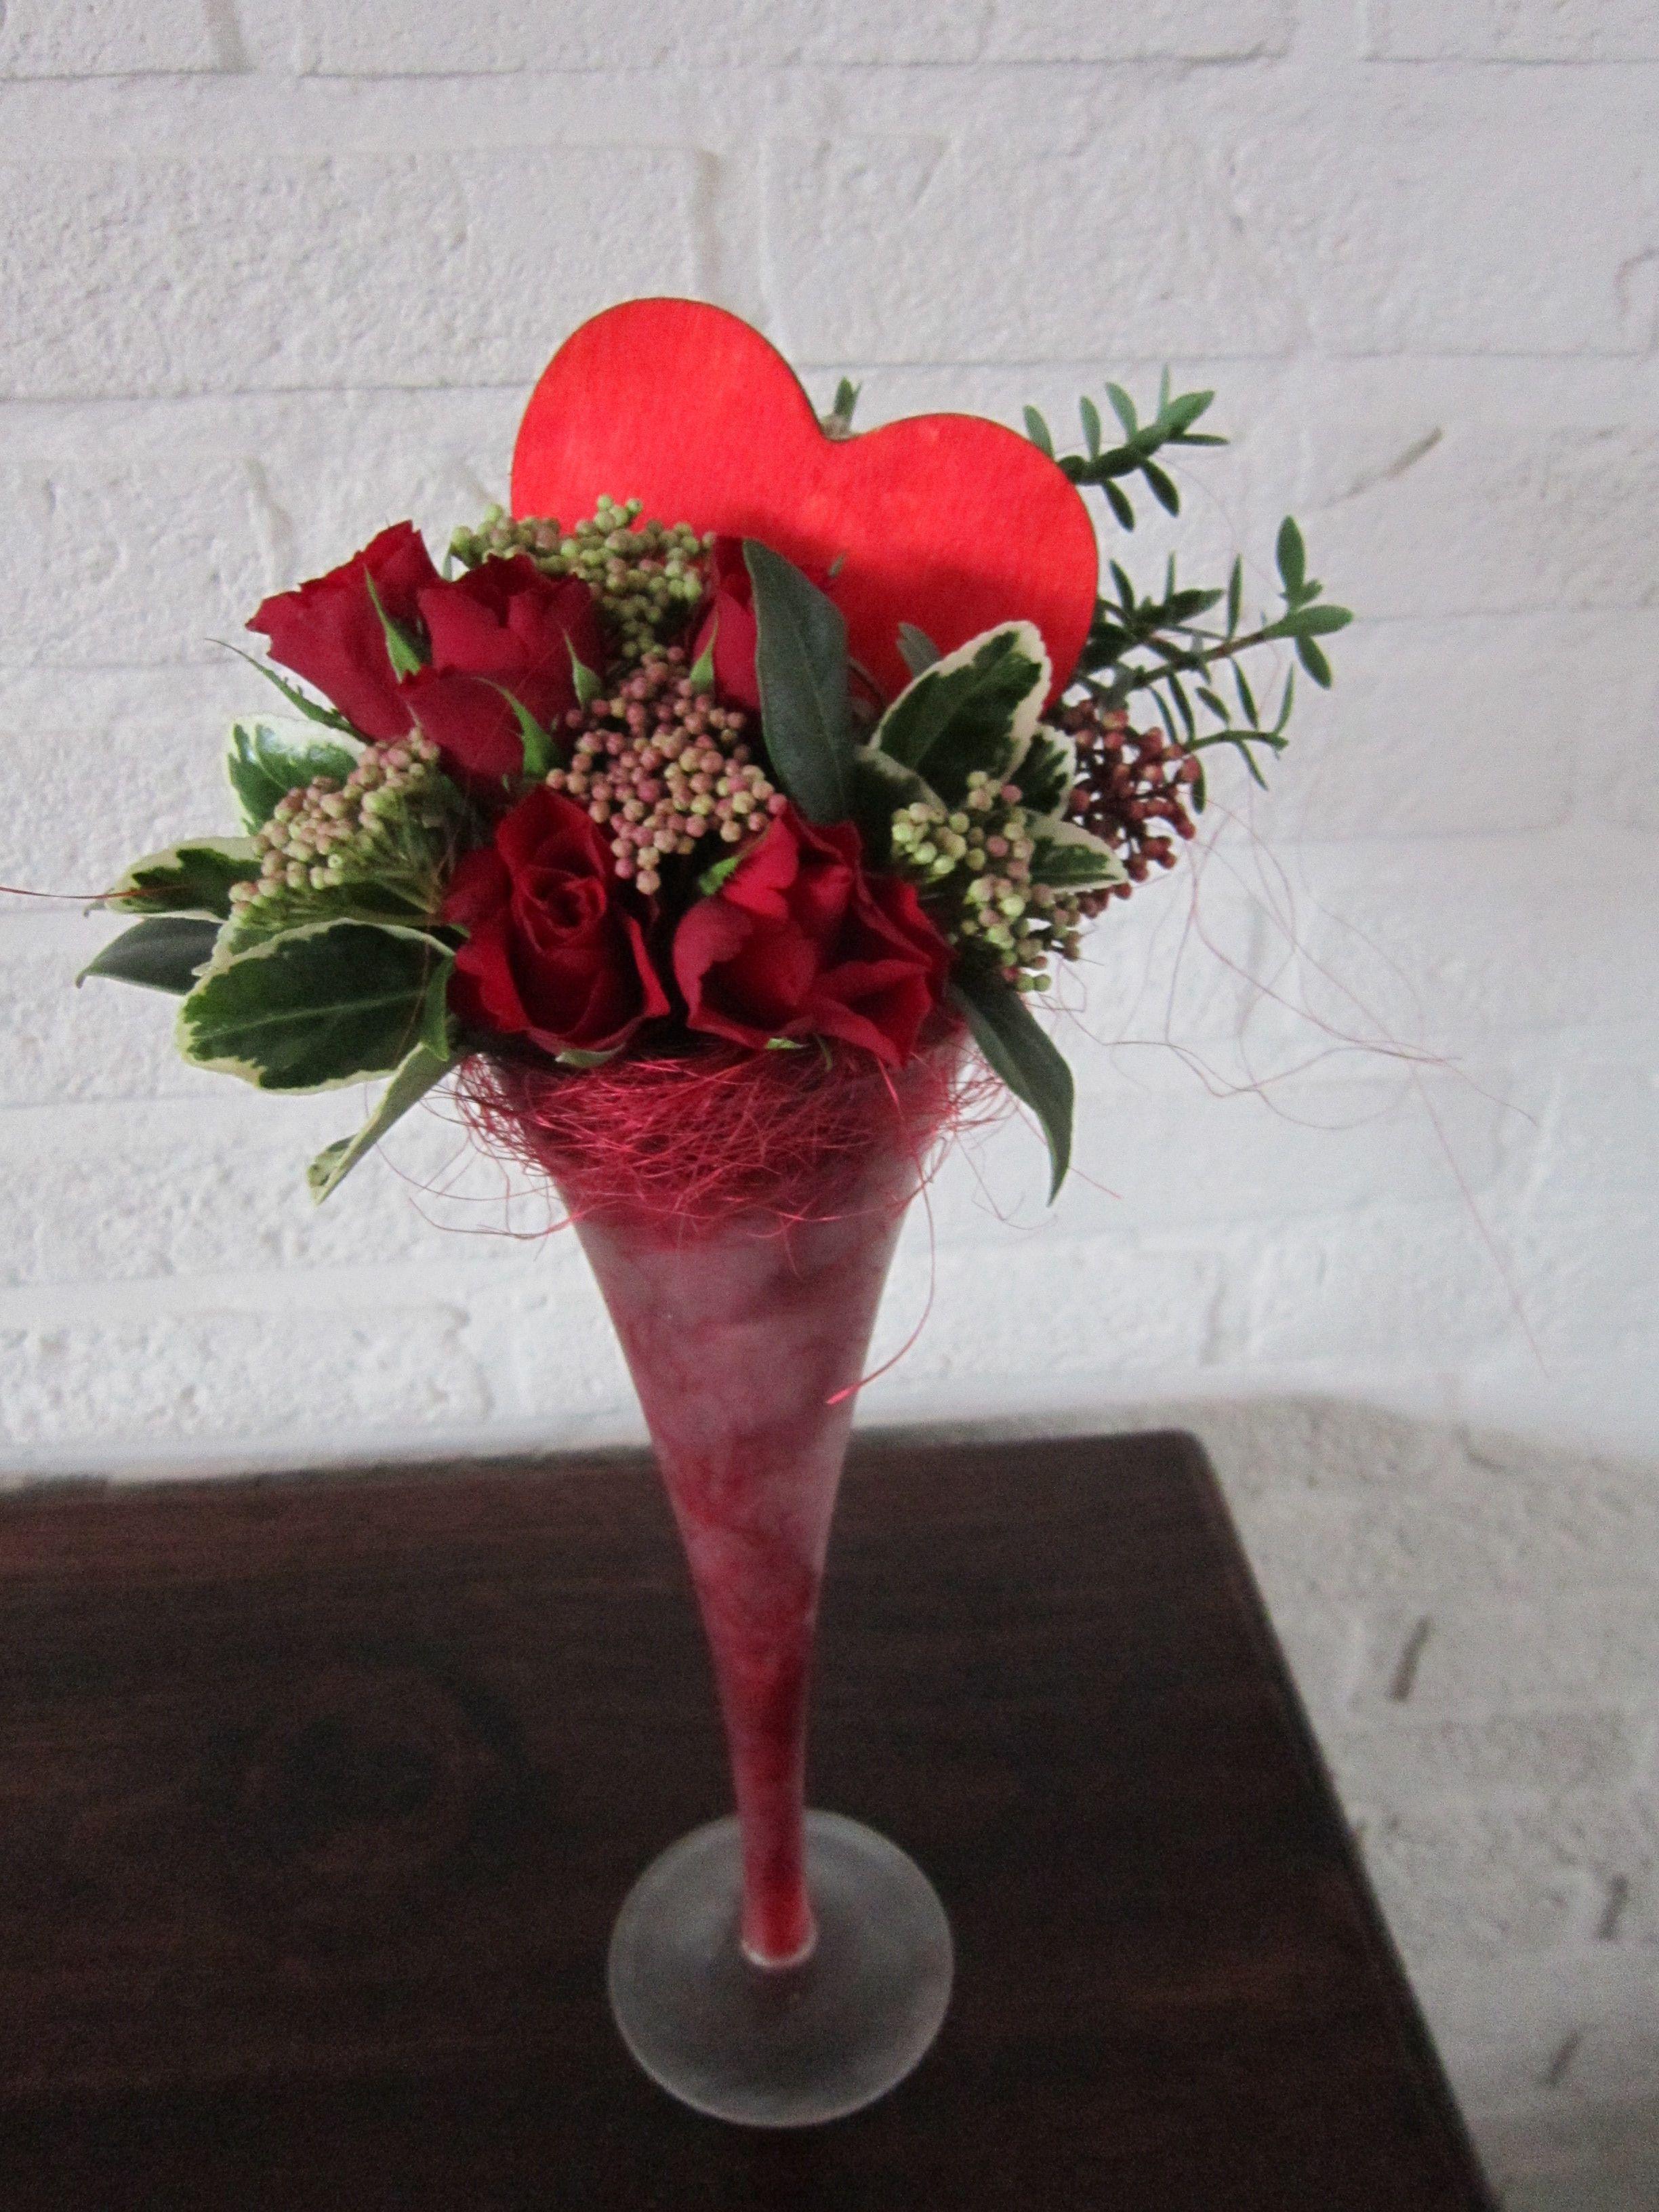 """Цветочная композиция ко дню святого валентина  """"сердце, пронзенное стрелой"""" - день святого валентина"""